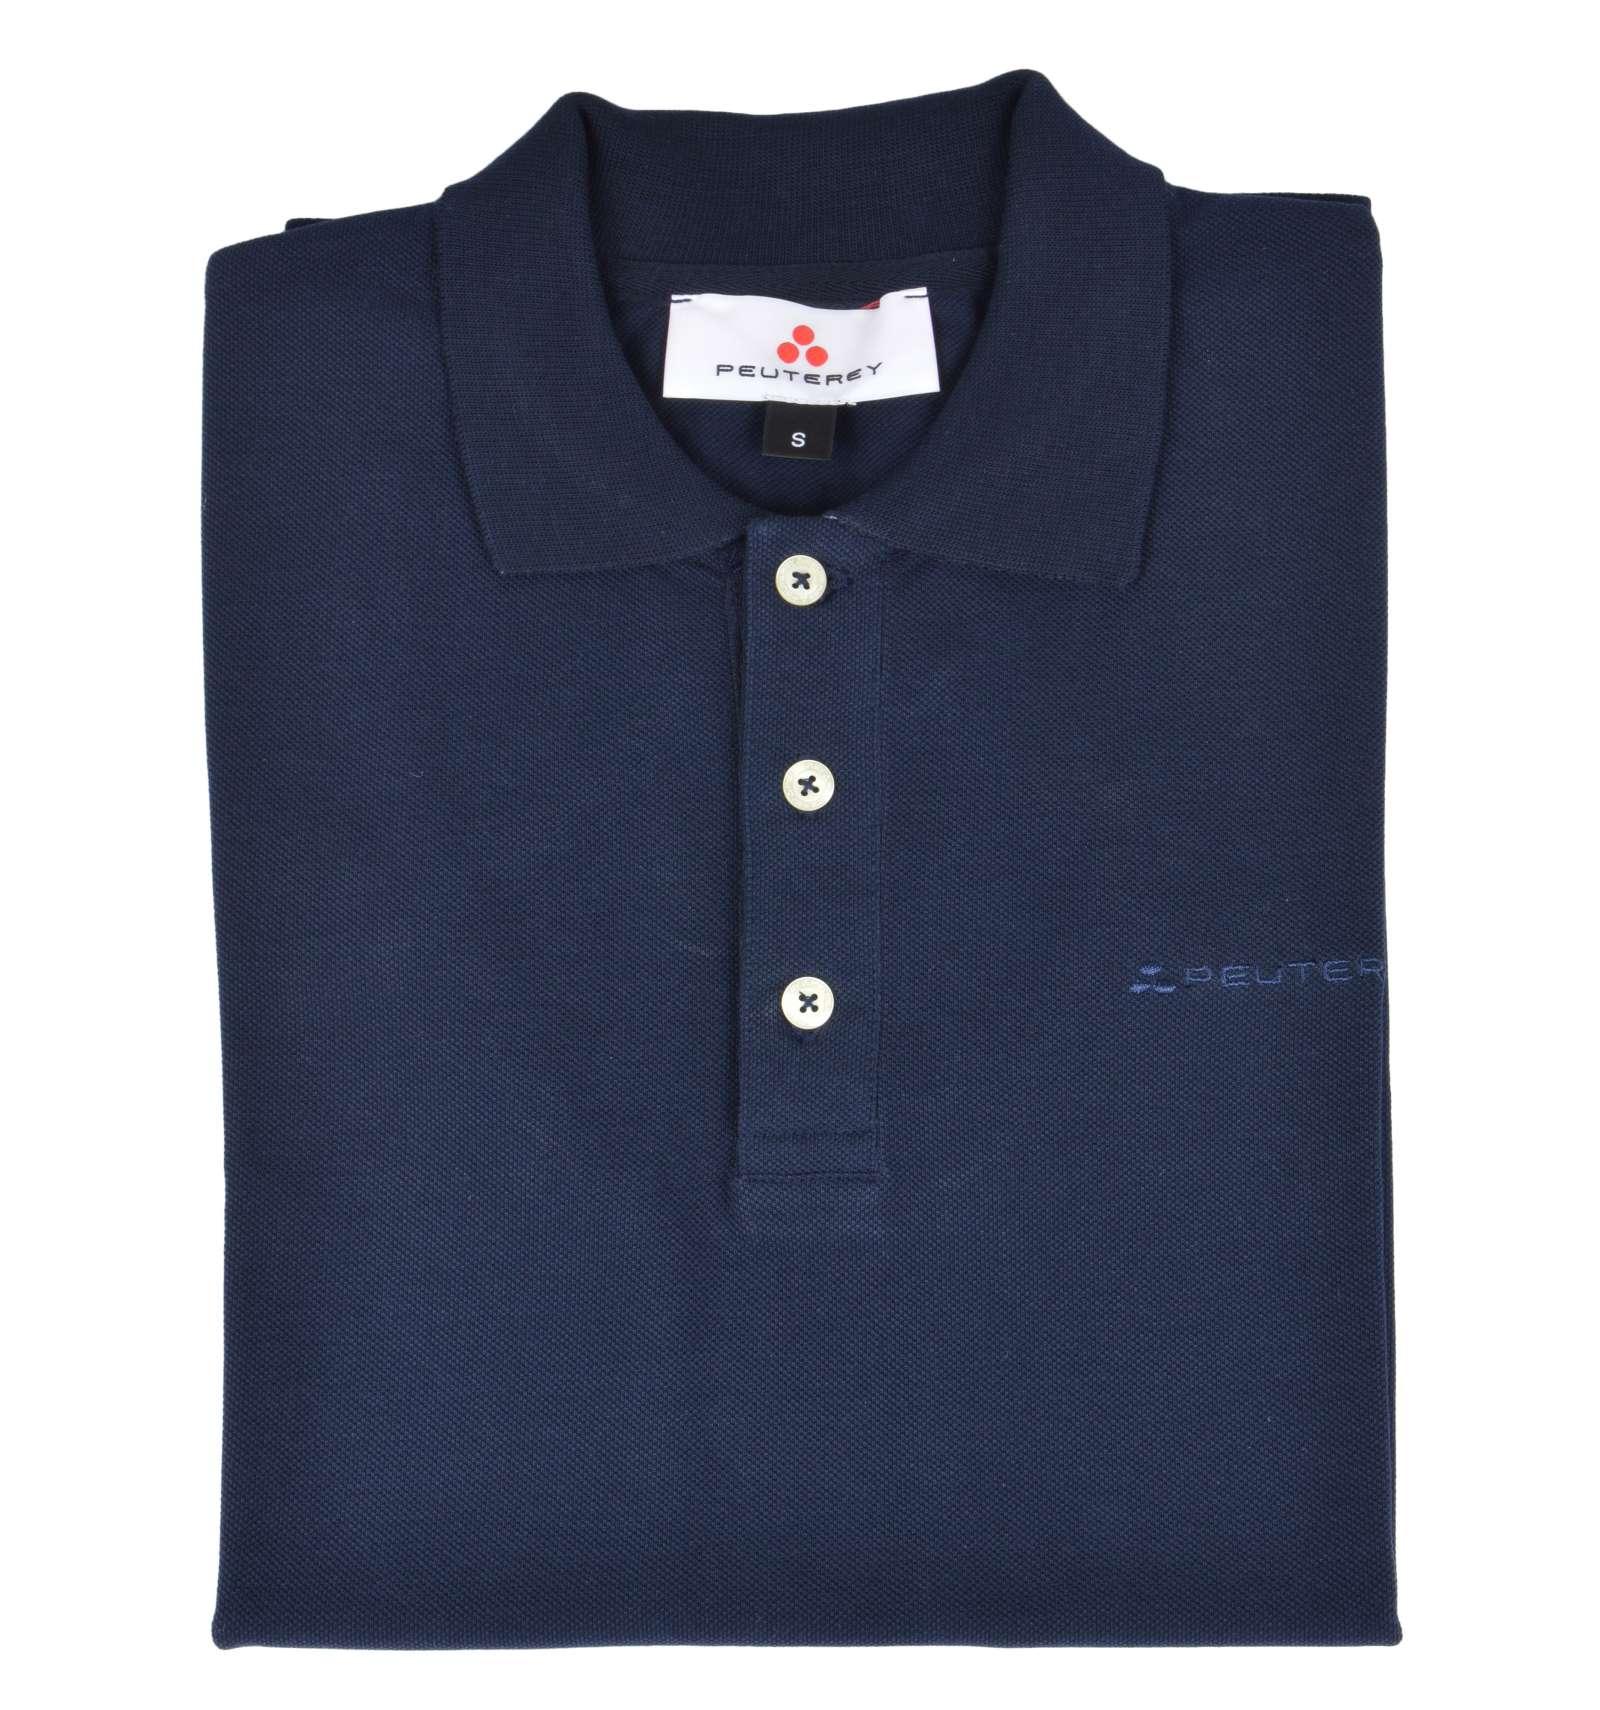 new product 7119f a2c3f PEUTEREY uomo maglia polo blu scuro manica corta CALEDONIAN14 TIES 215